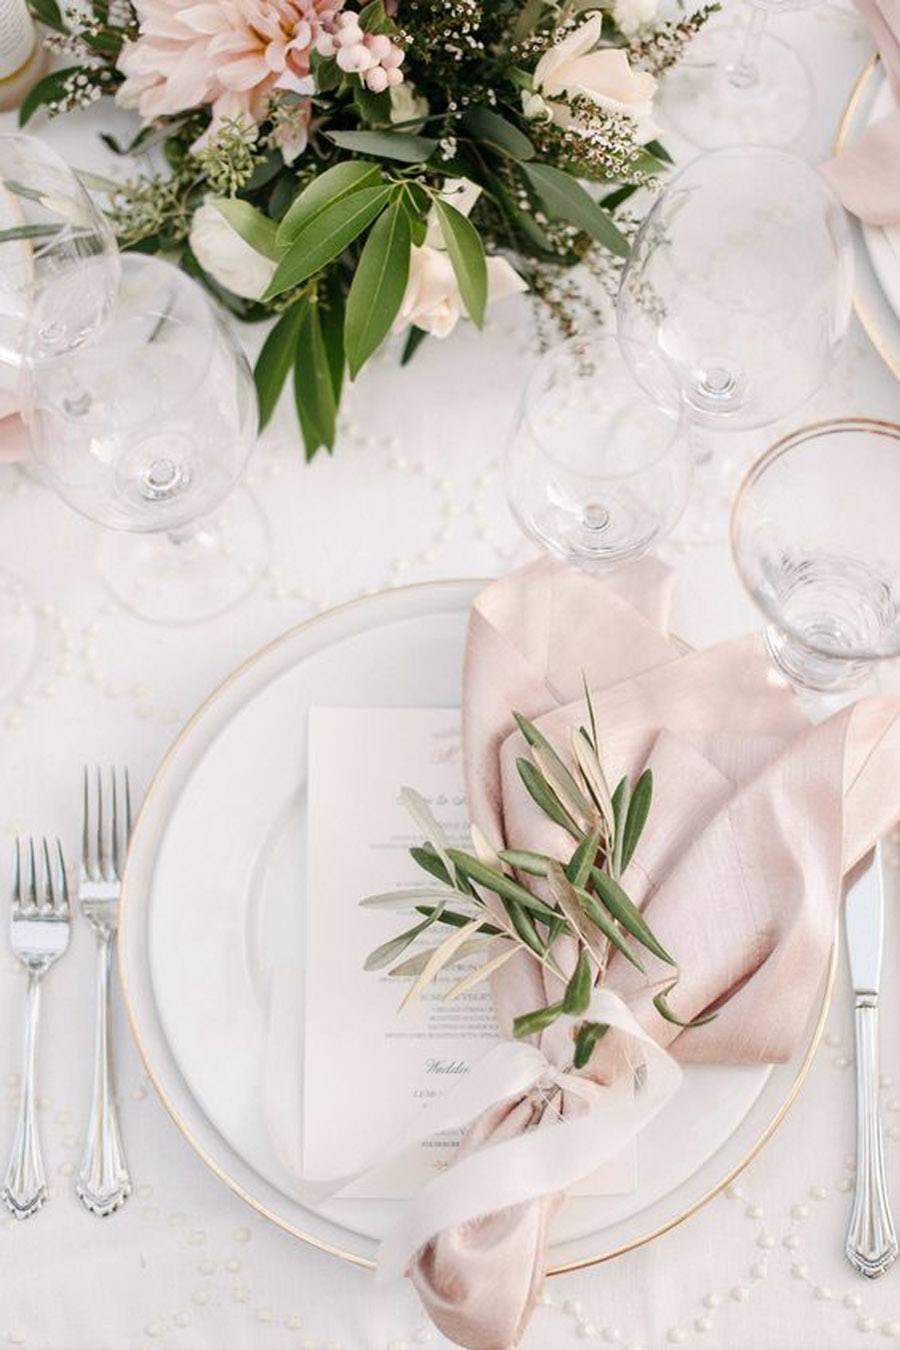 DECORACIÓN DE SERVILLETAS servilletas-decoracion-boda